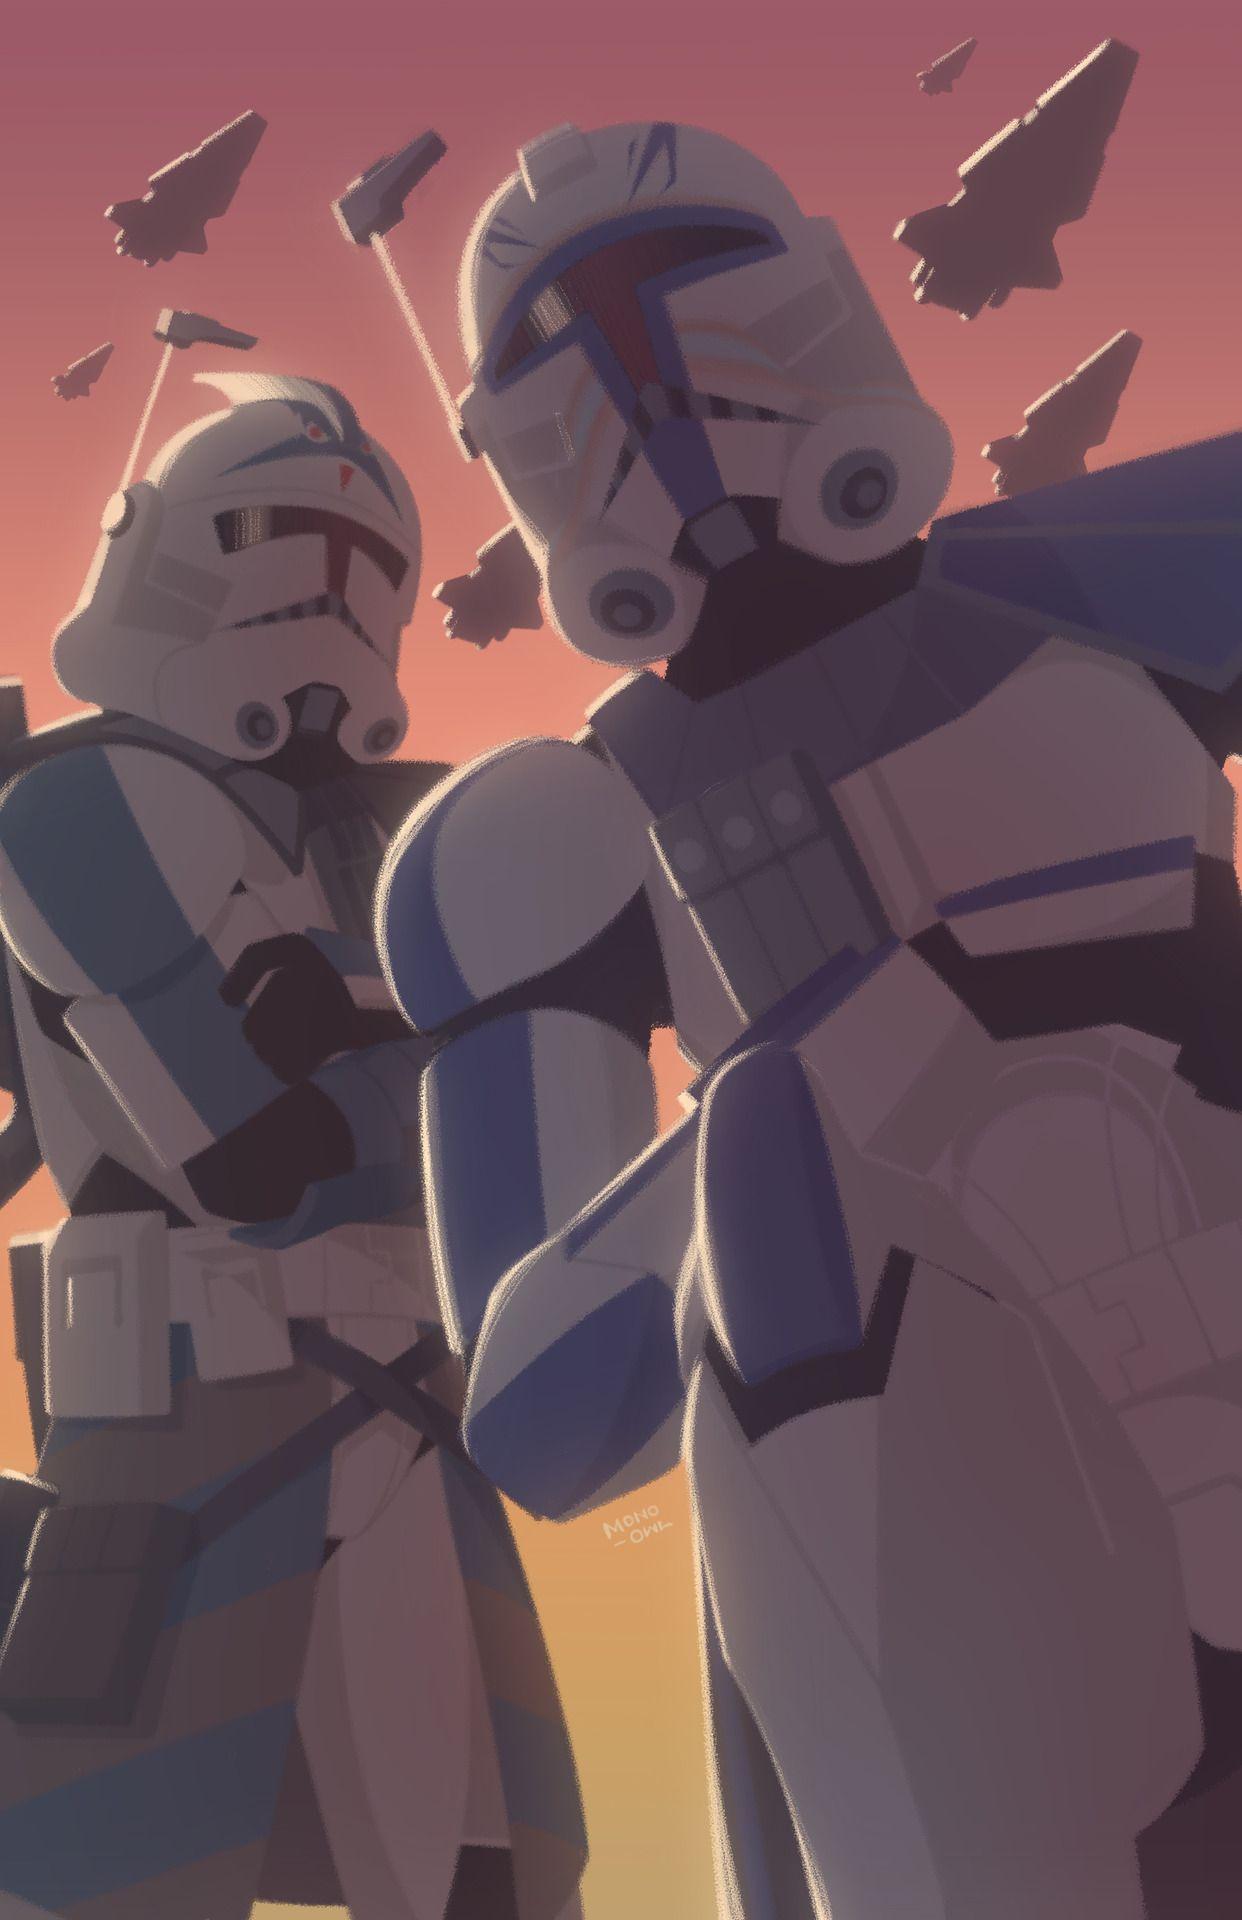 Pin By Tatzumie On I Love Stwrs Clone Wars Art Star Wars Art Star Wars Background